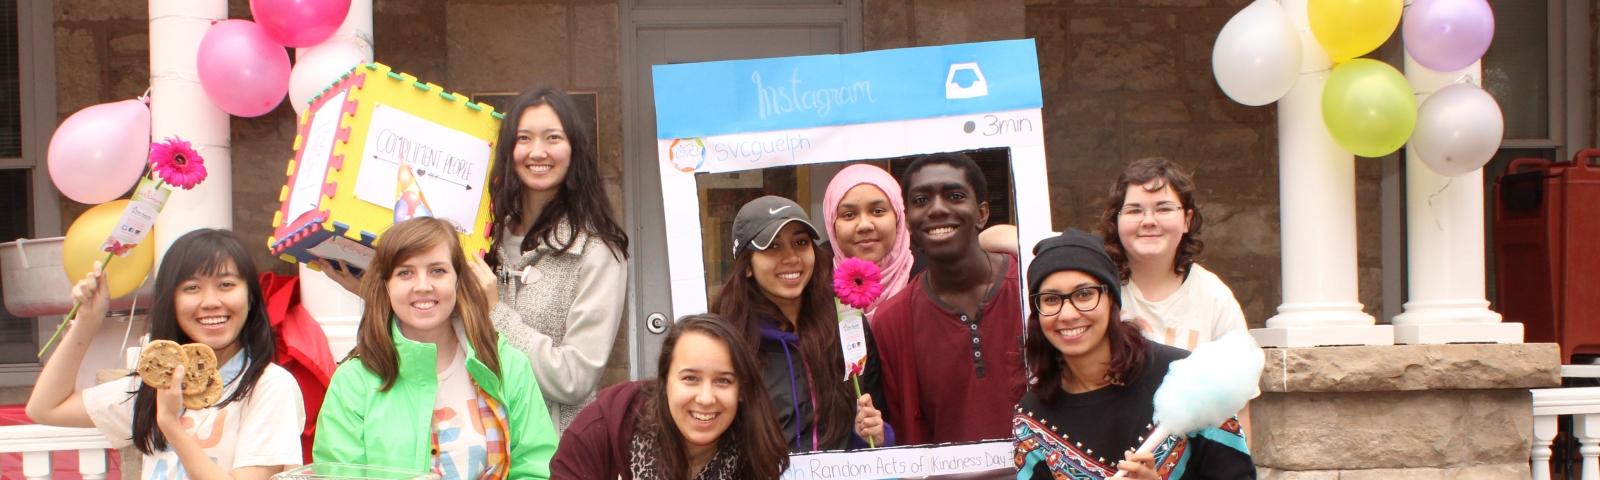 students posing outside raithby house